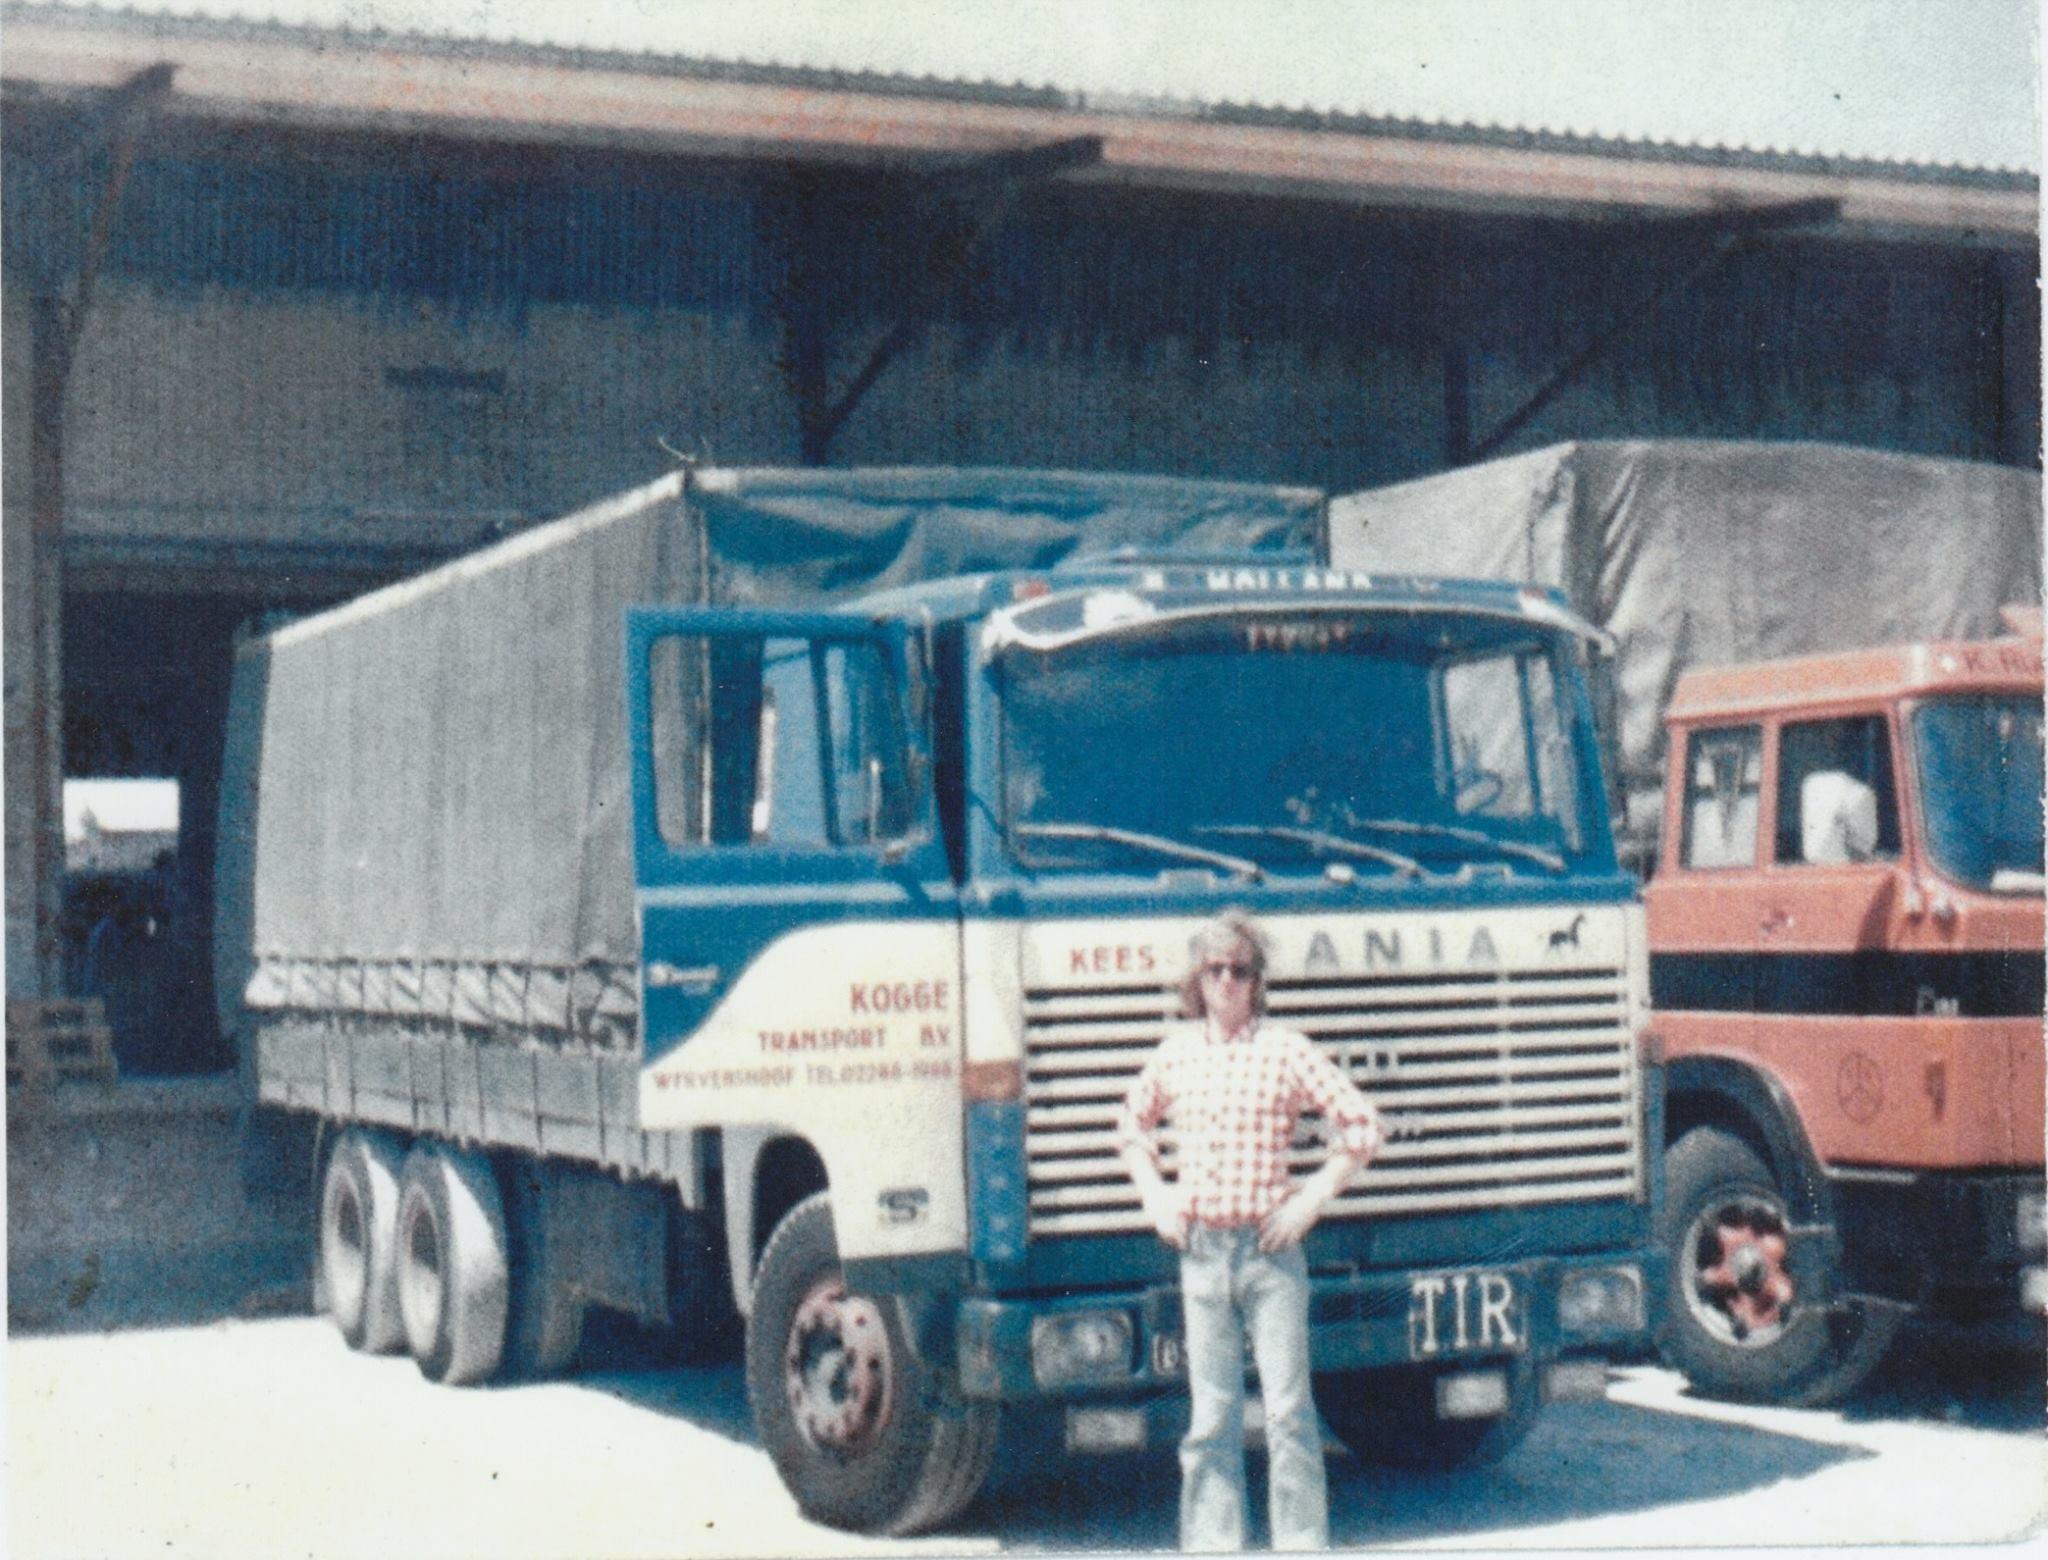 Scania-LBS-110-super-,-kenteken-BS-98-38---1-van-de-eerste-Kogge-vrachtauto-s-chauffeur-Peter-Mes---locatie-Spedag-in-Zwitserland